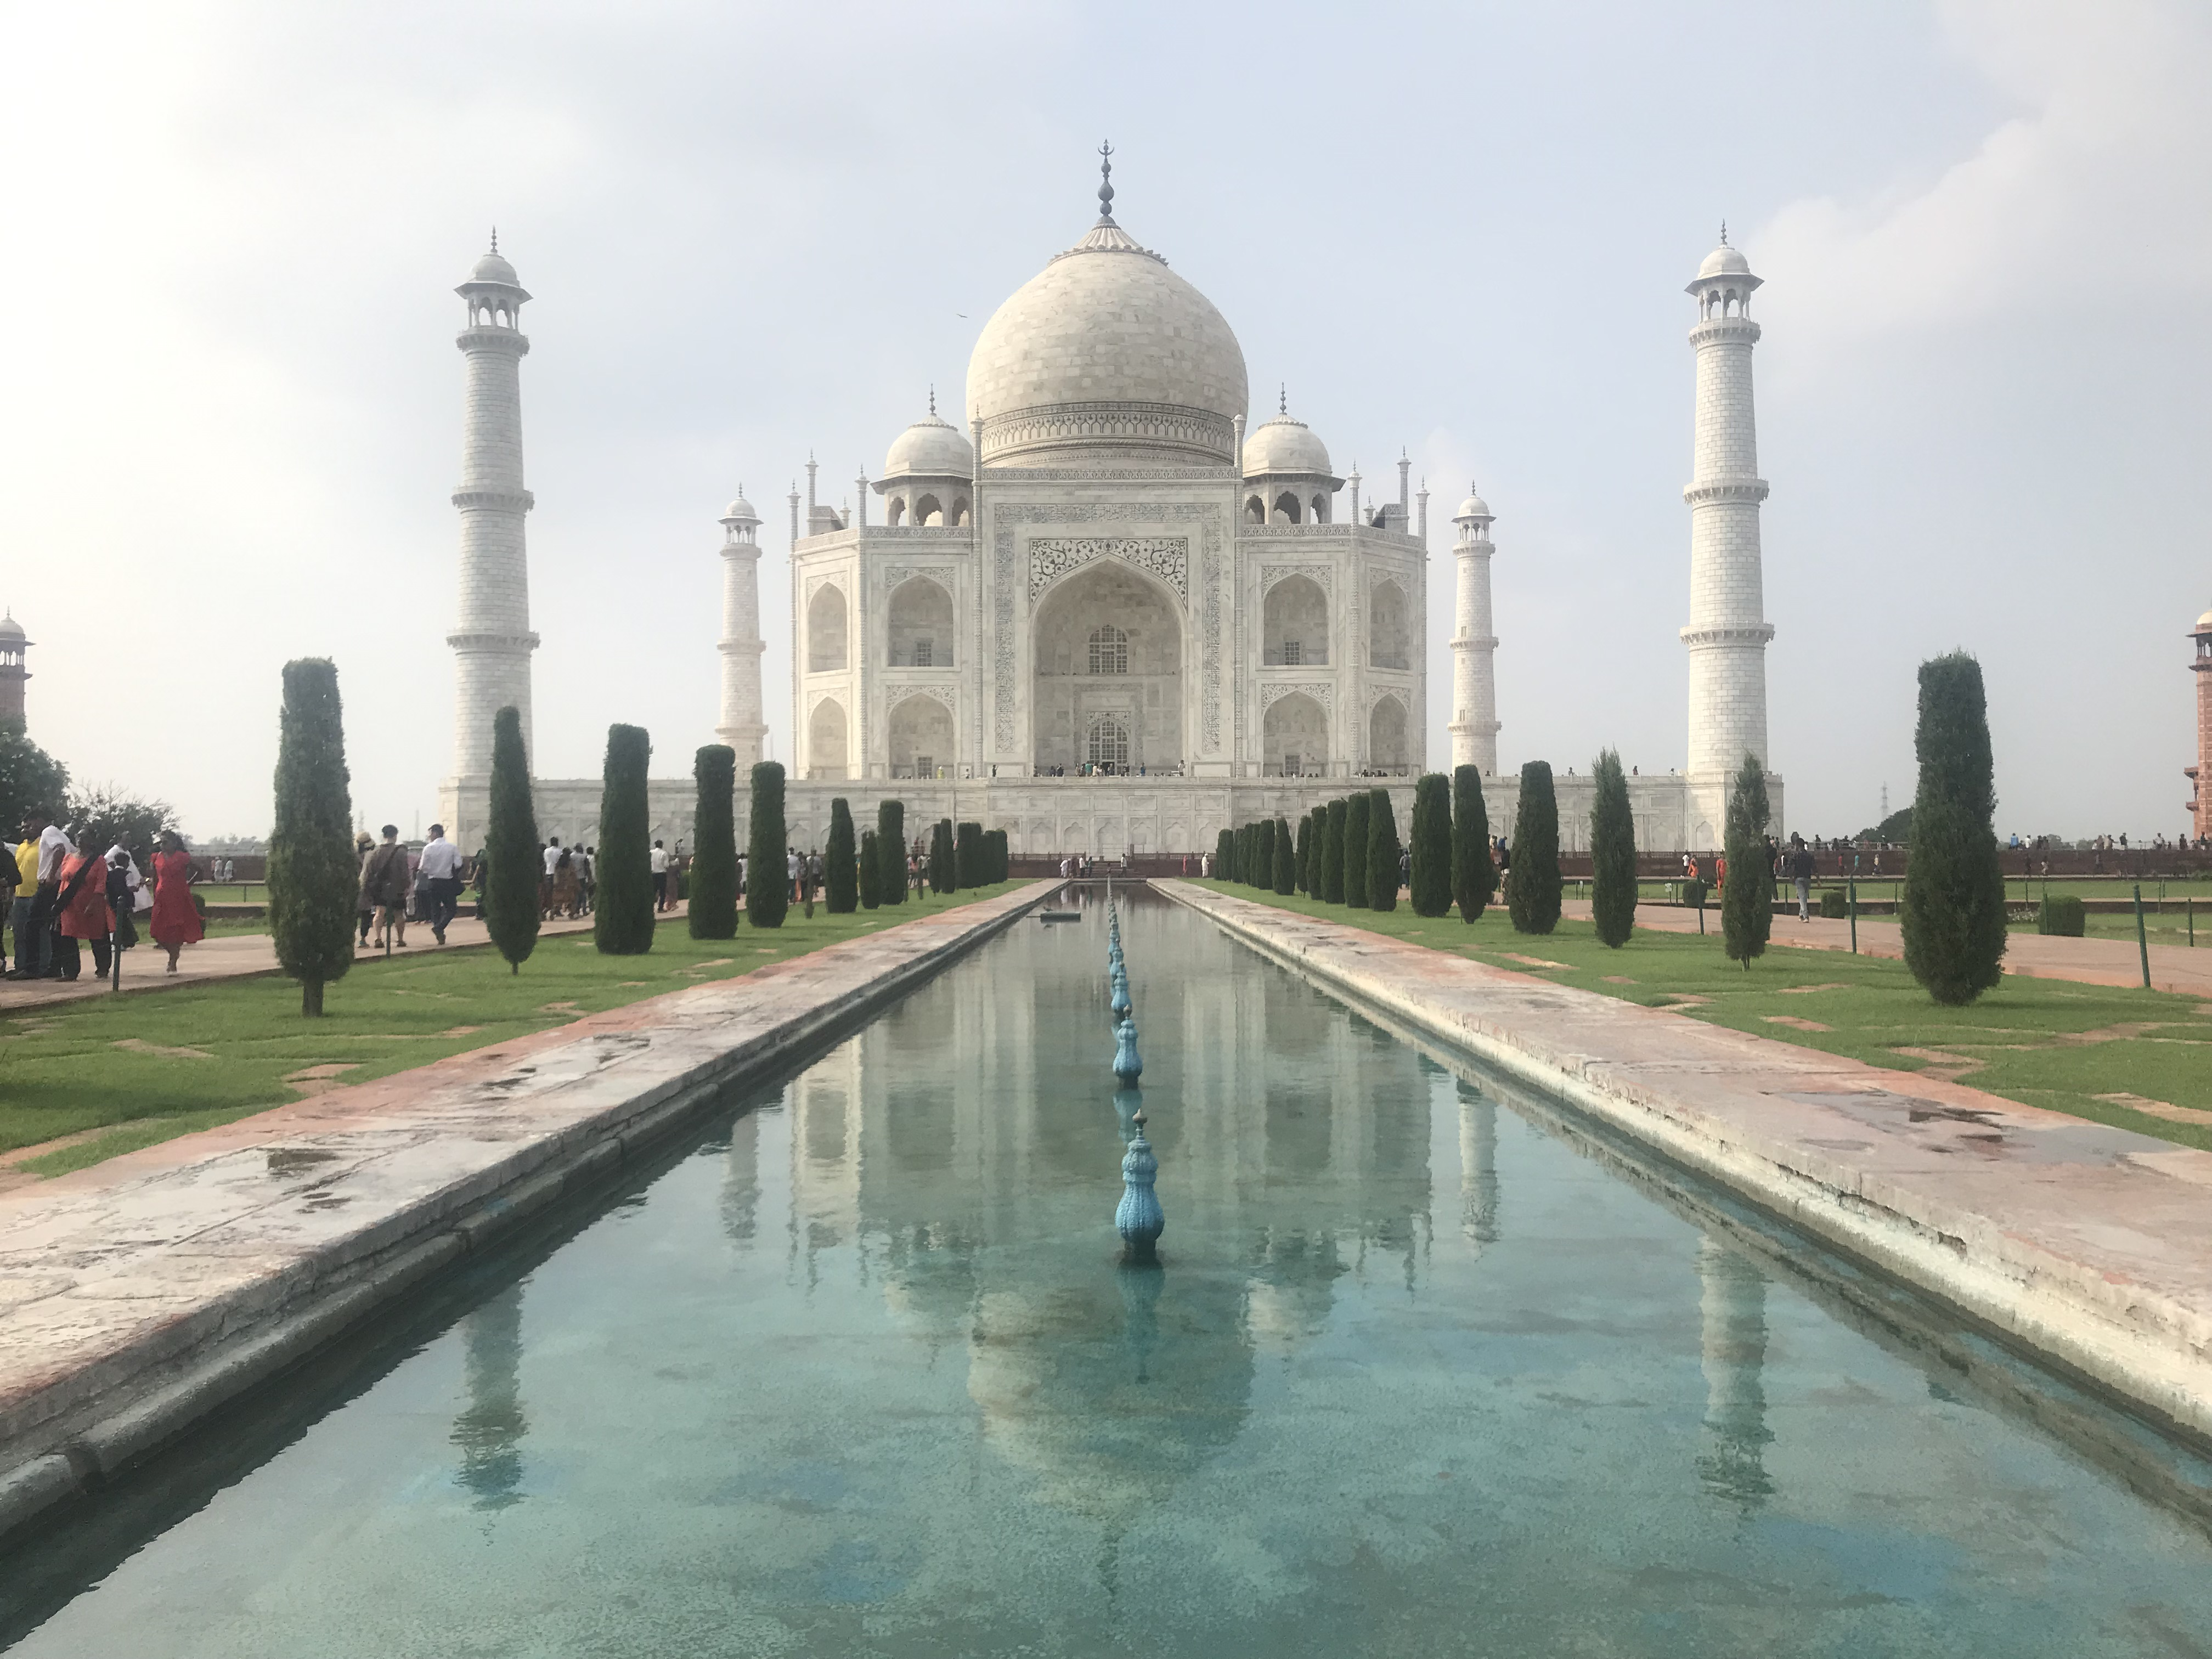 The Taj Mahal, in all her Mughal-inspired glory. Miriam Groner/JW